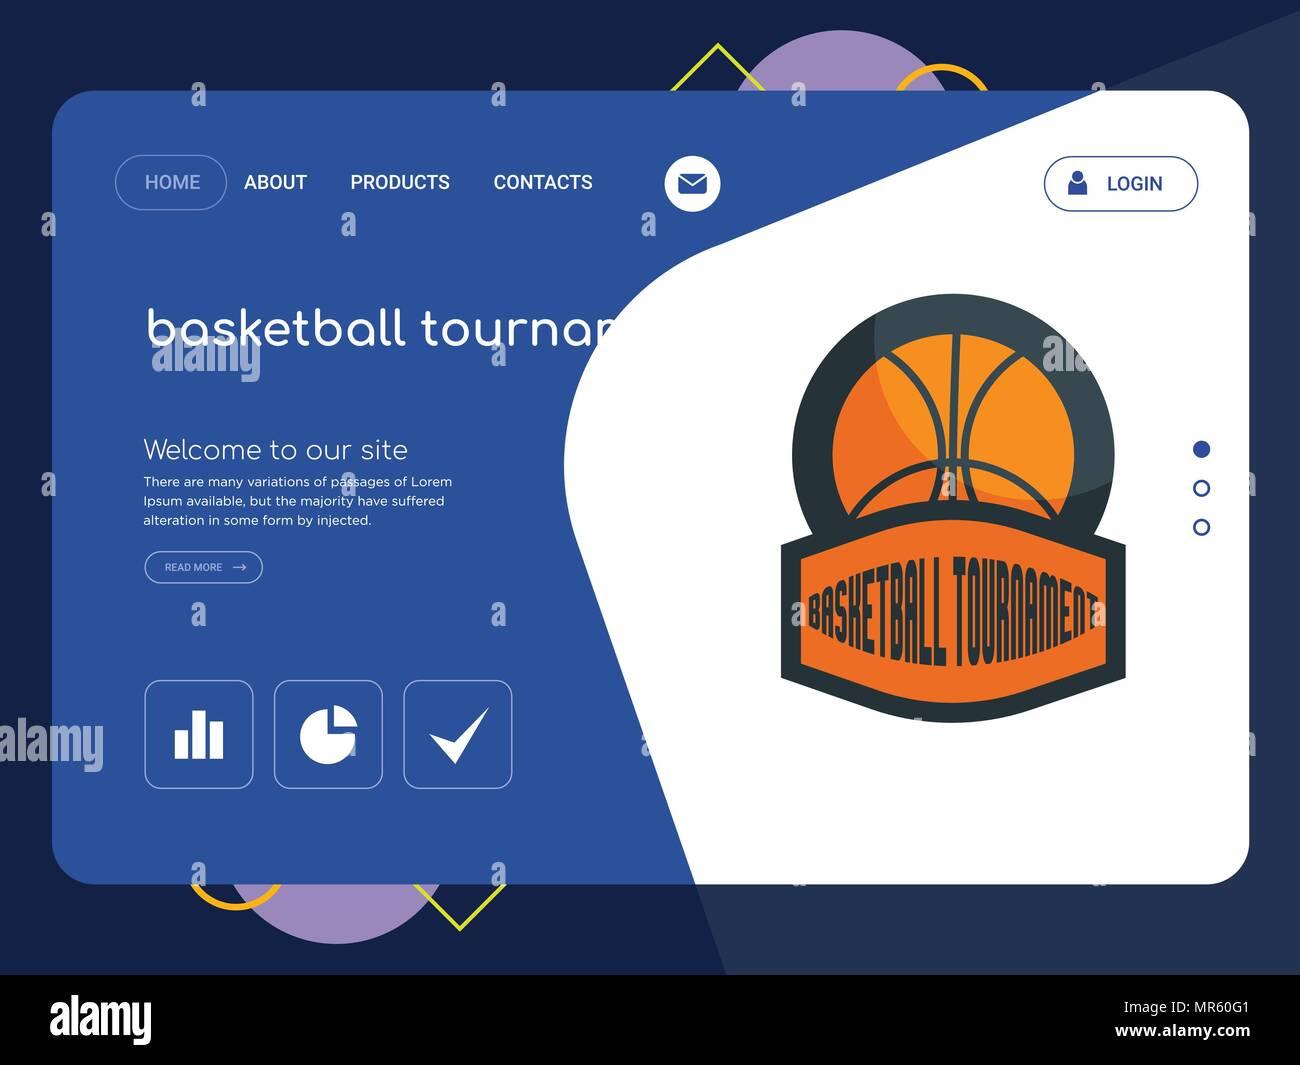 5b6fe5cef03f Un tournoi de basket-ball de qualité La page Modèle de site Web, EPS  vectoriel Web Design moderne avec télévision et des éléments d'INTERFACE  UTILISATEUR ...